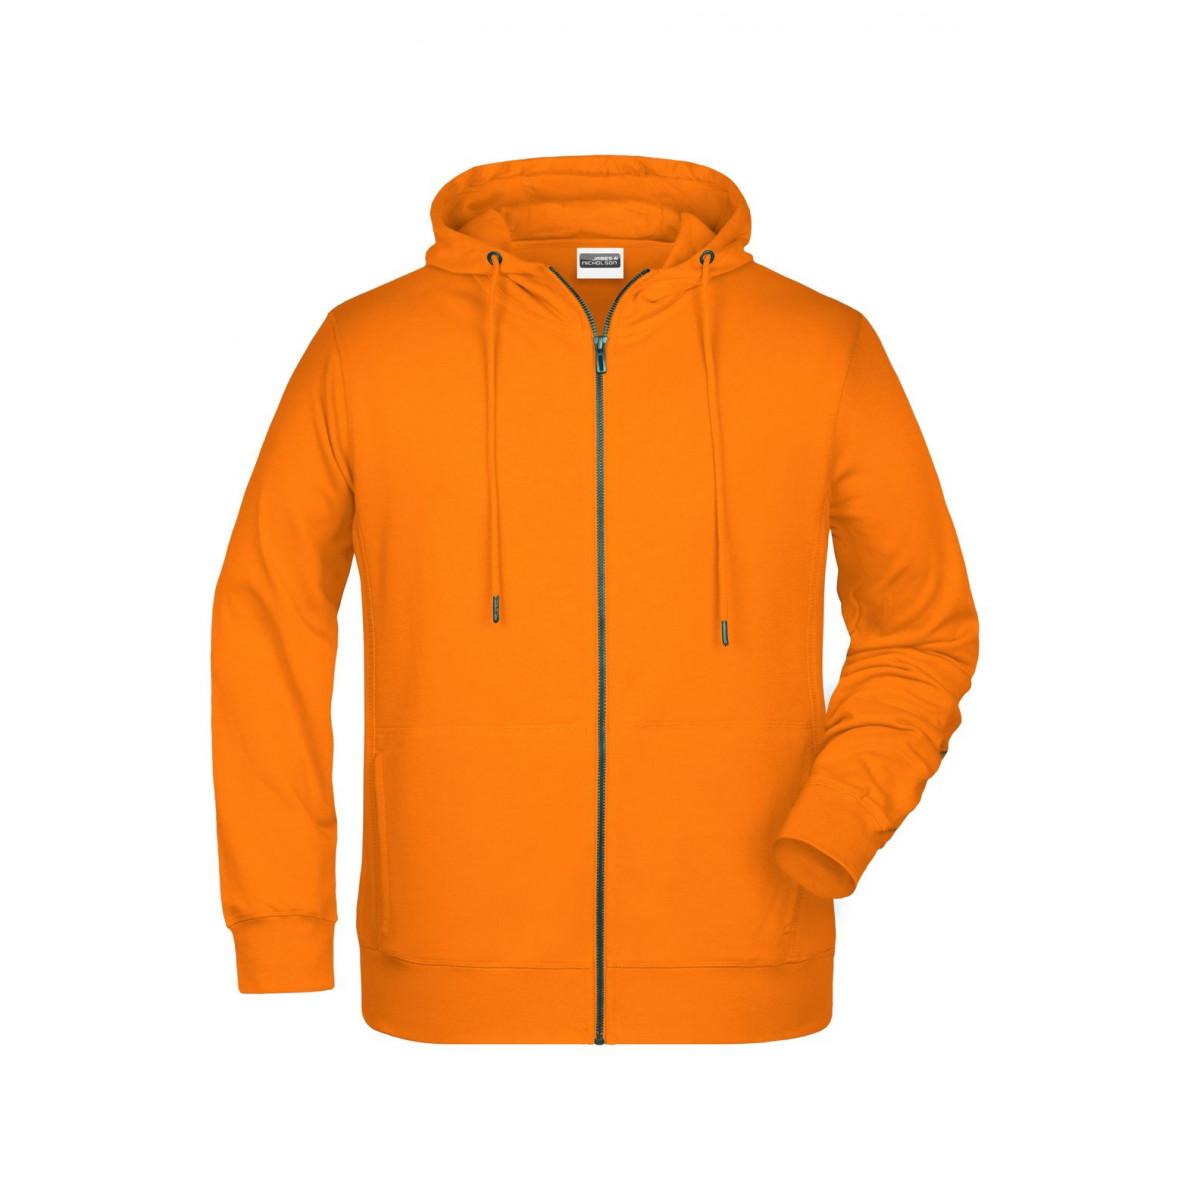 Толстовка мужская 8026 Mens Zip Hoody - Оранжевый